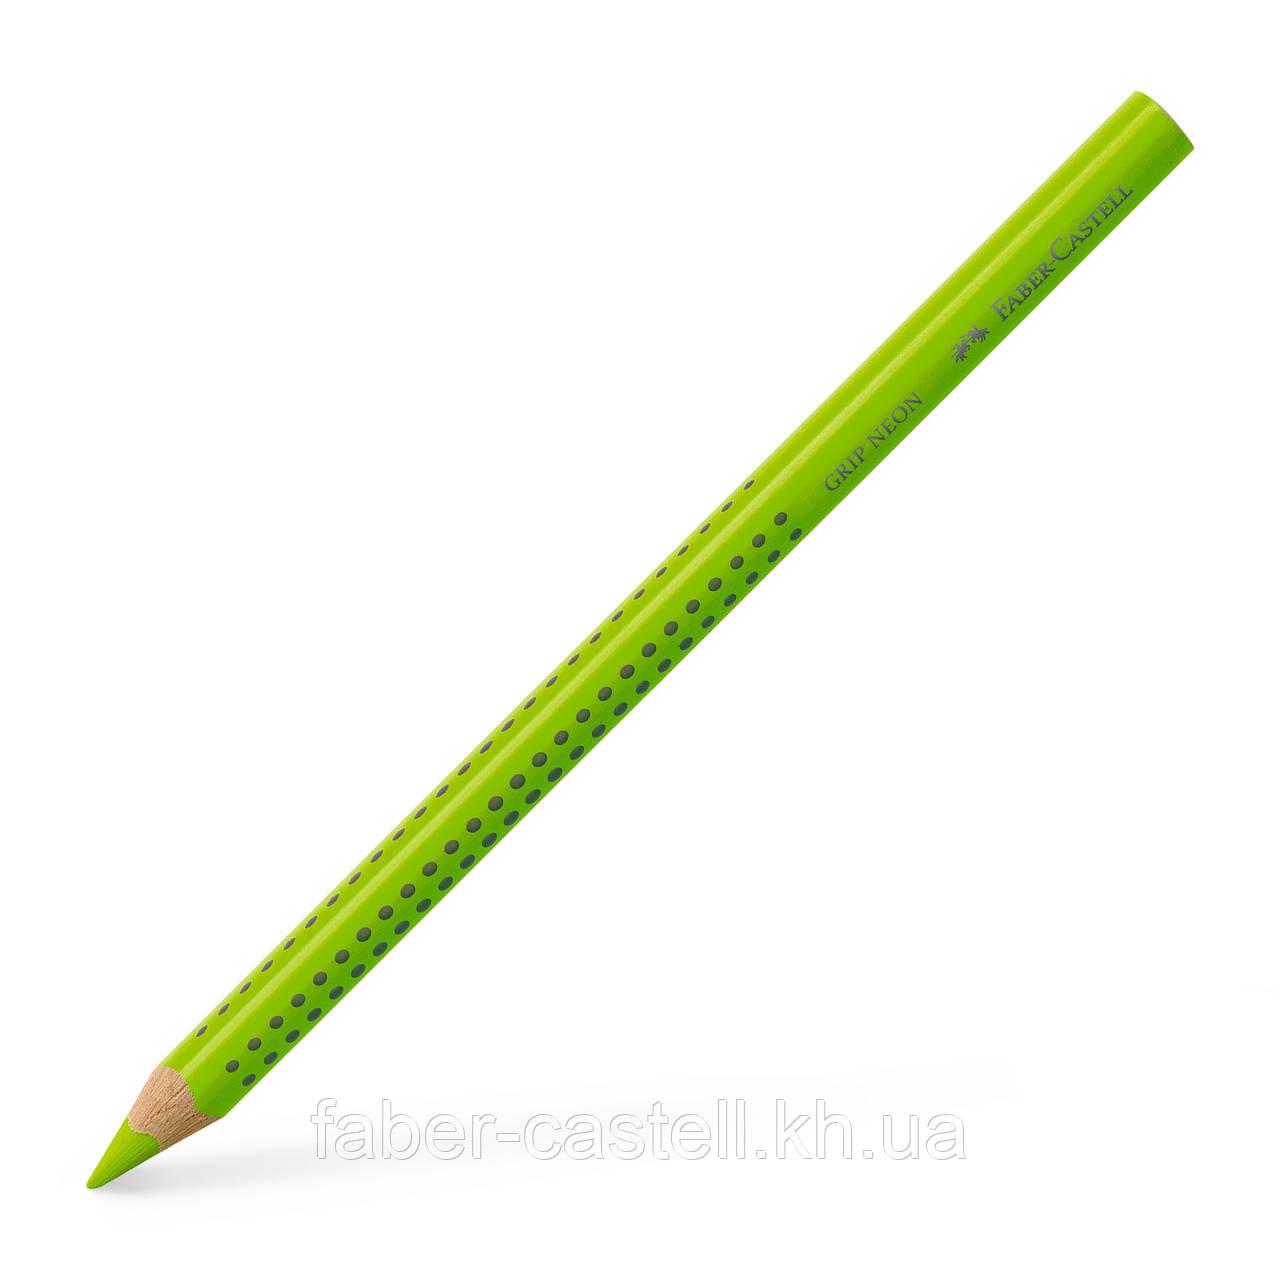 Маркер-карандаш текстовыделитель Faber-Castell Jumbo Grip Neon зеленый, сухой трехгранный, 114863